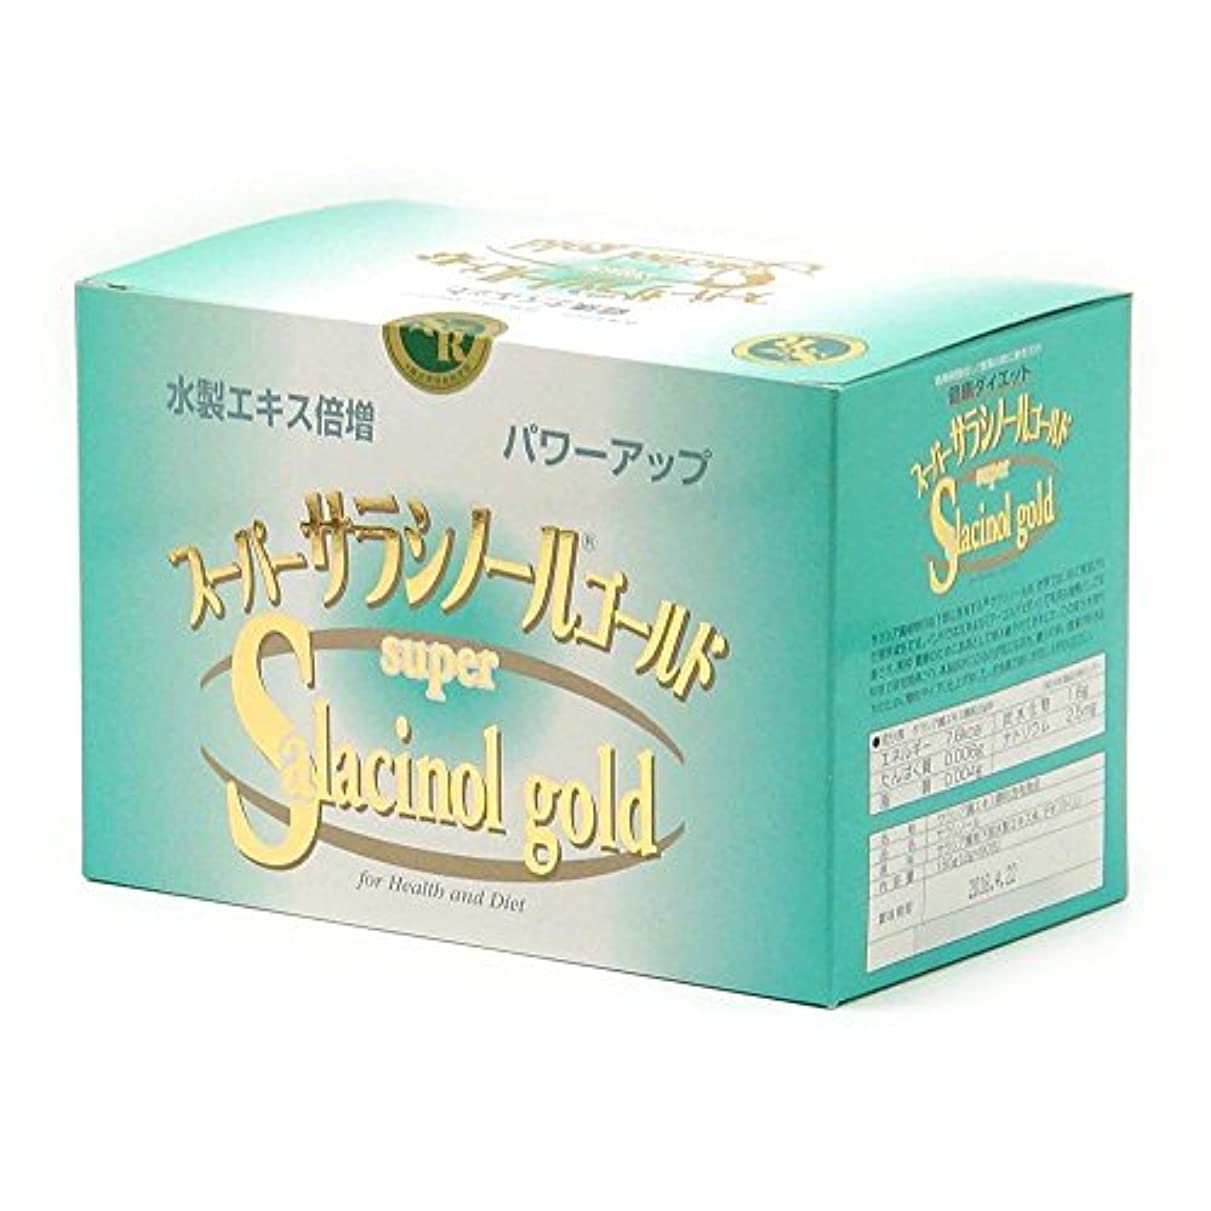 コンパニオン上へギャップスーパーサラシノールゴールド 2g×90包×3箱セット